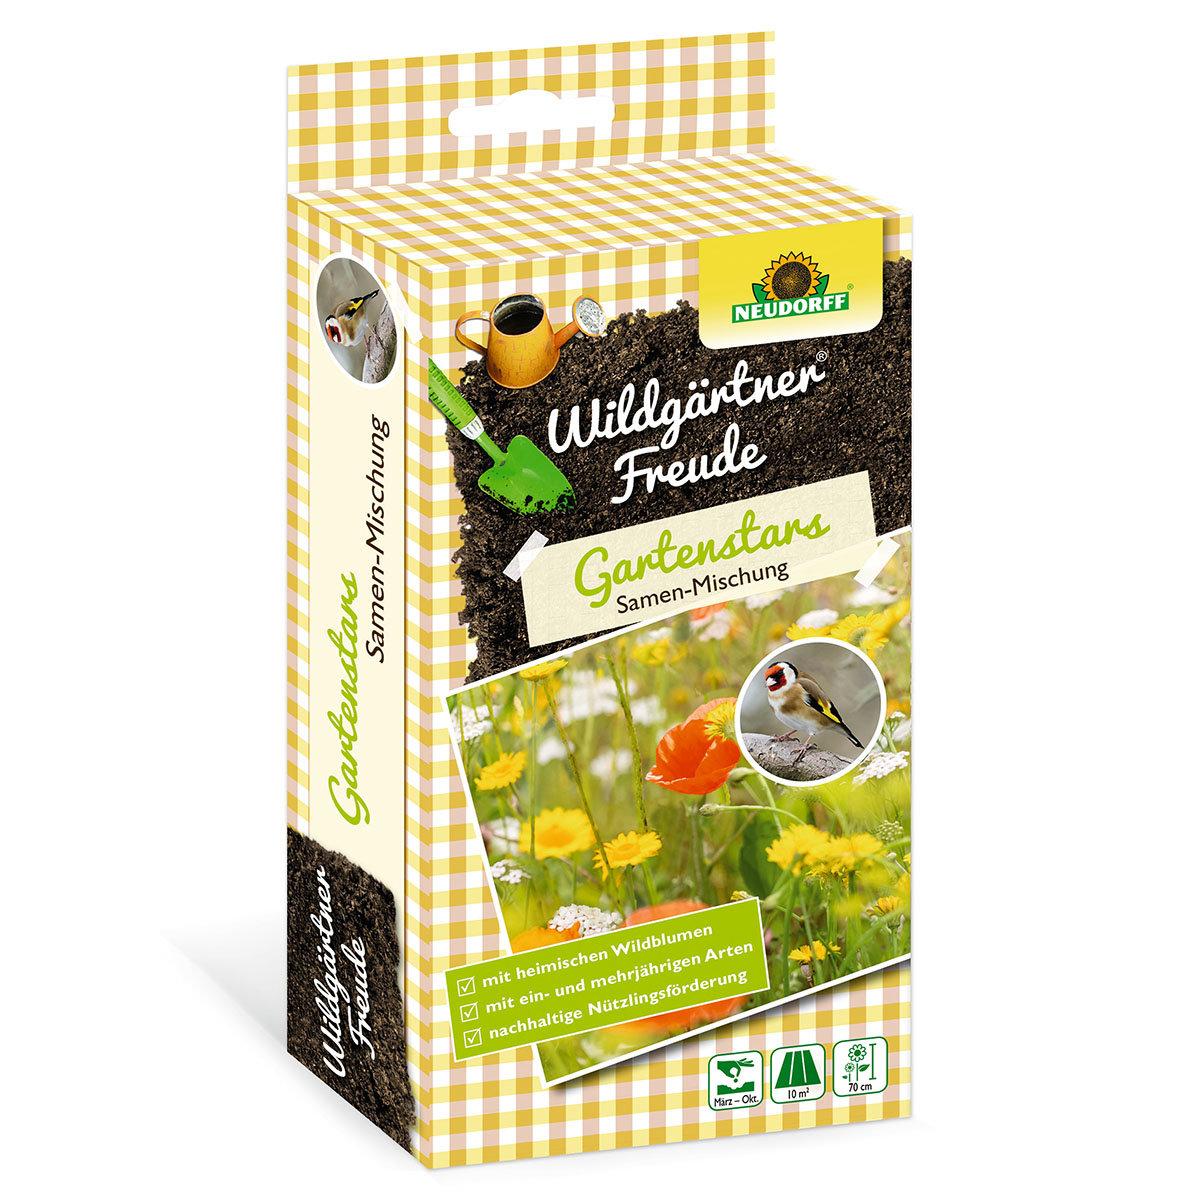 Wildgärtner Freude Gartenstars, 50 g | #2